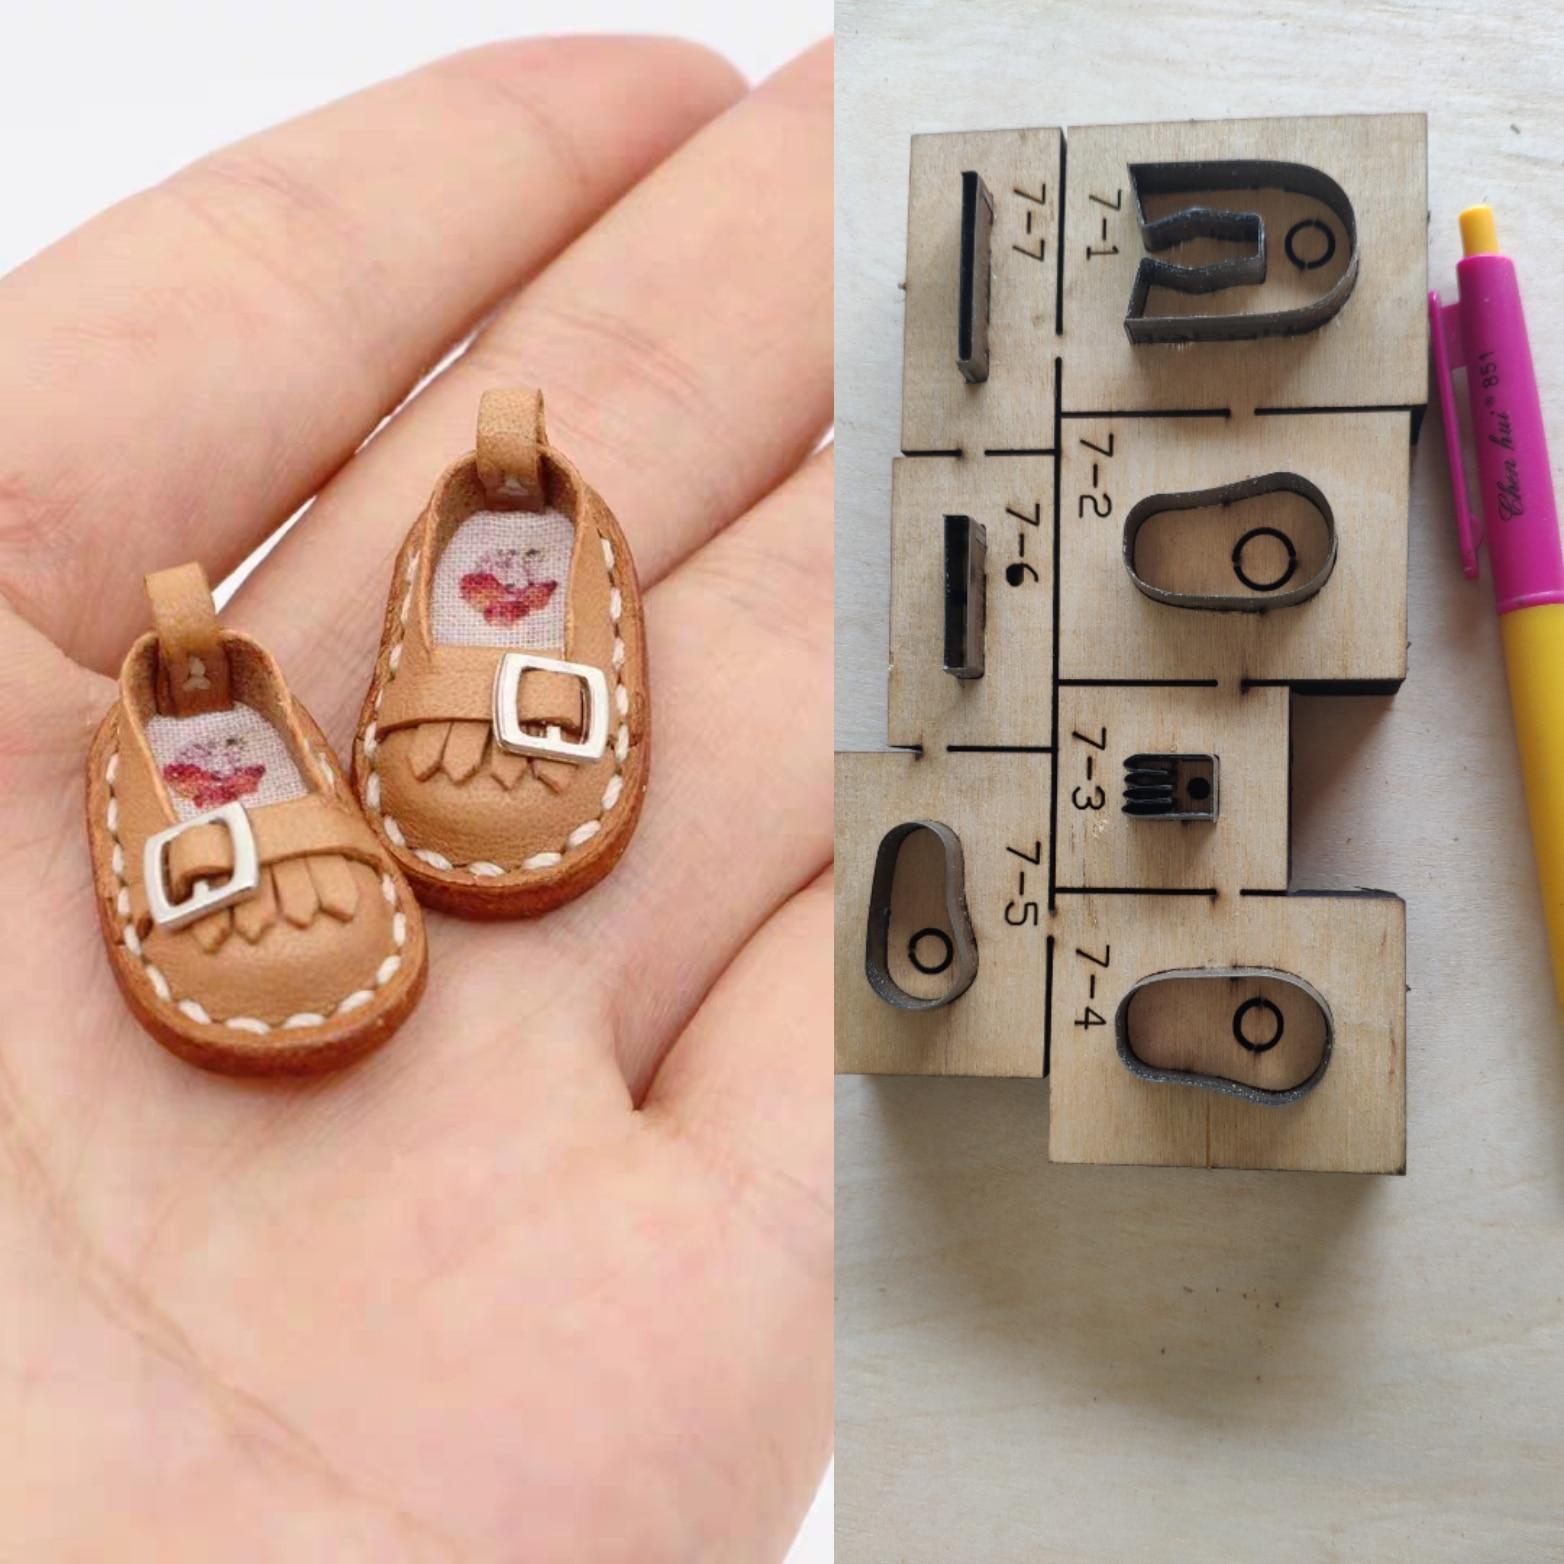 Cuir découpé avec des matrices artisanat cuir bricolage poupée OB11 chaussures conception porte-clés pendentif pour sac coupe moule modèle outil de poinçon à la main